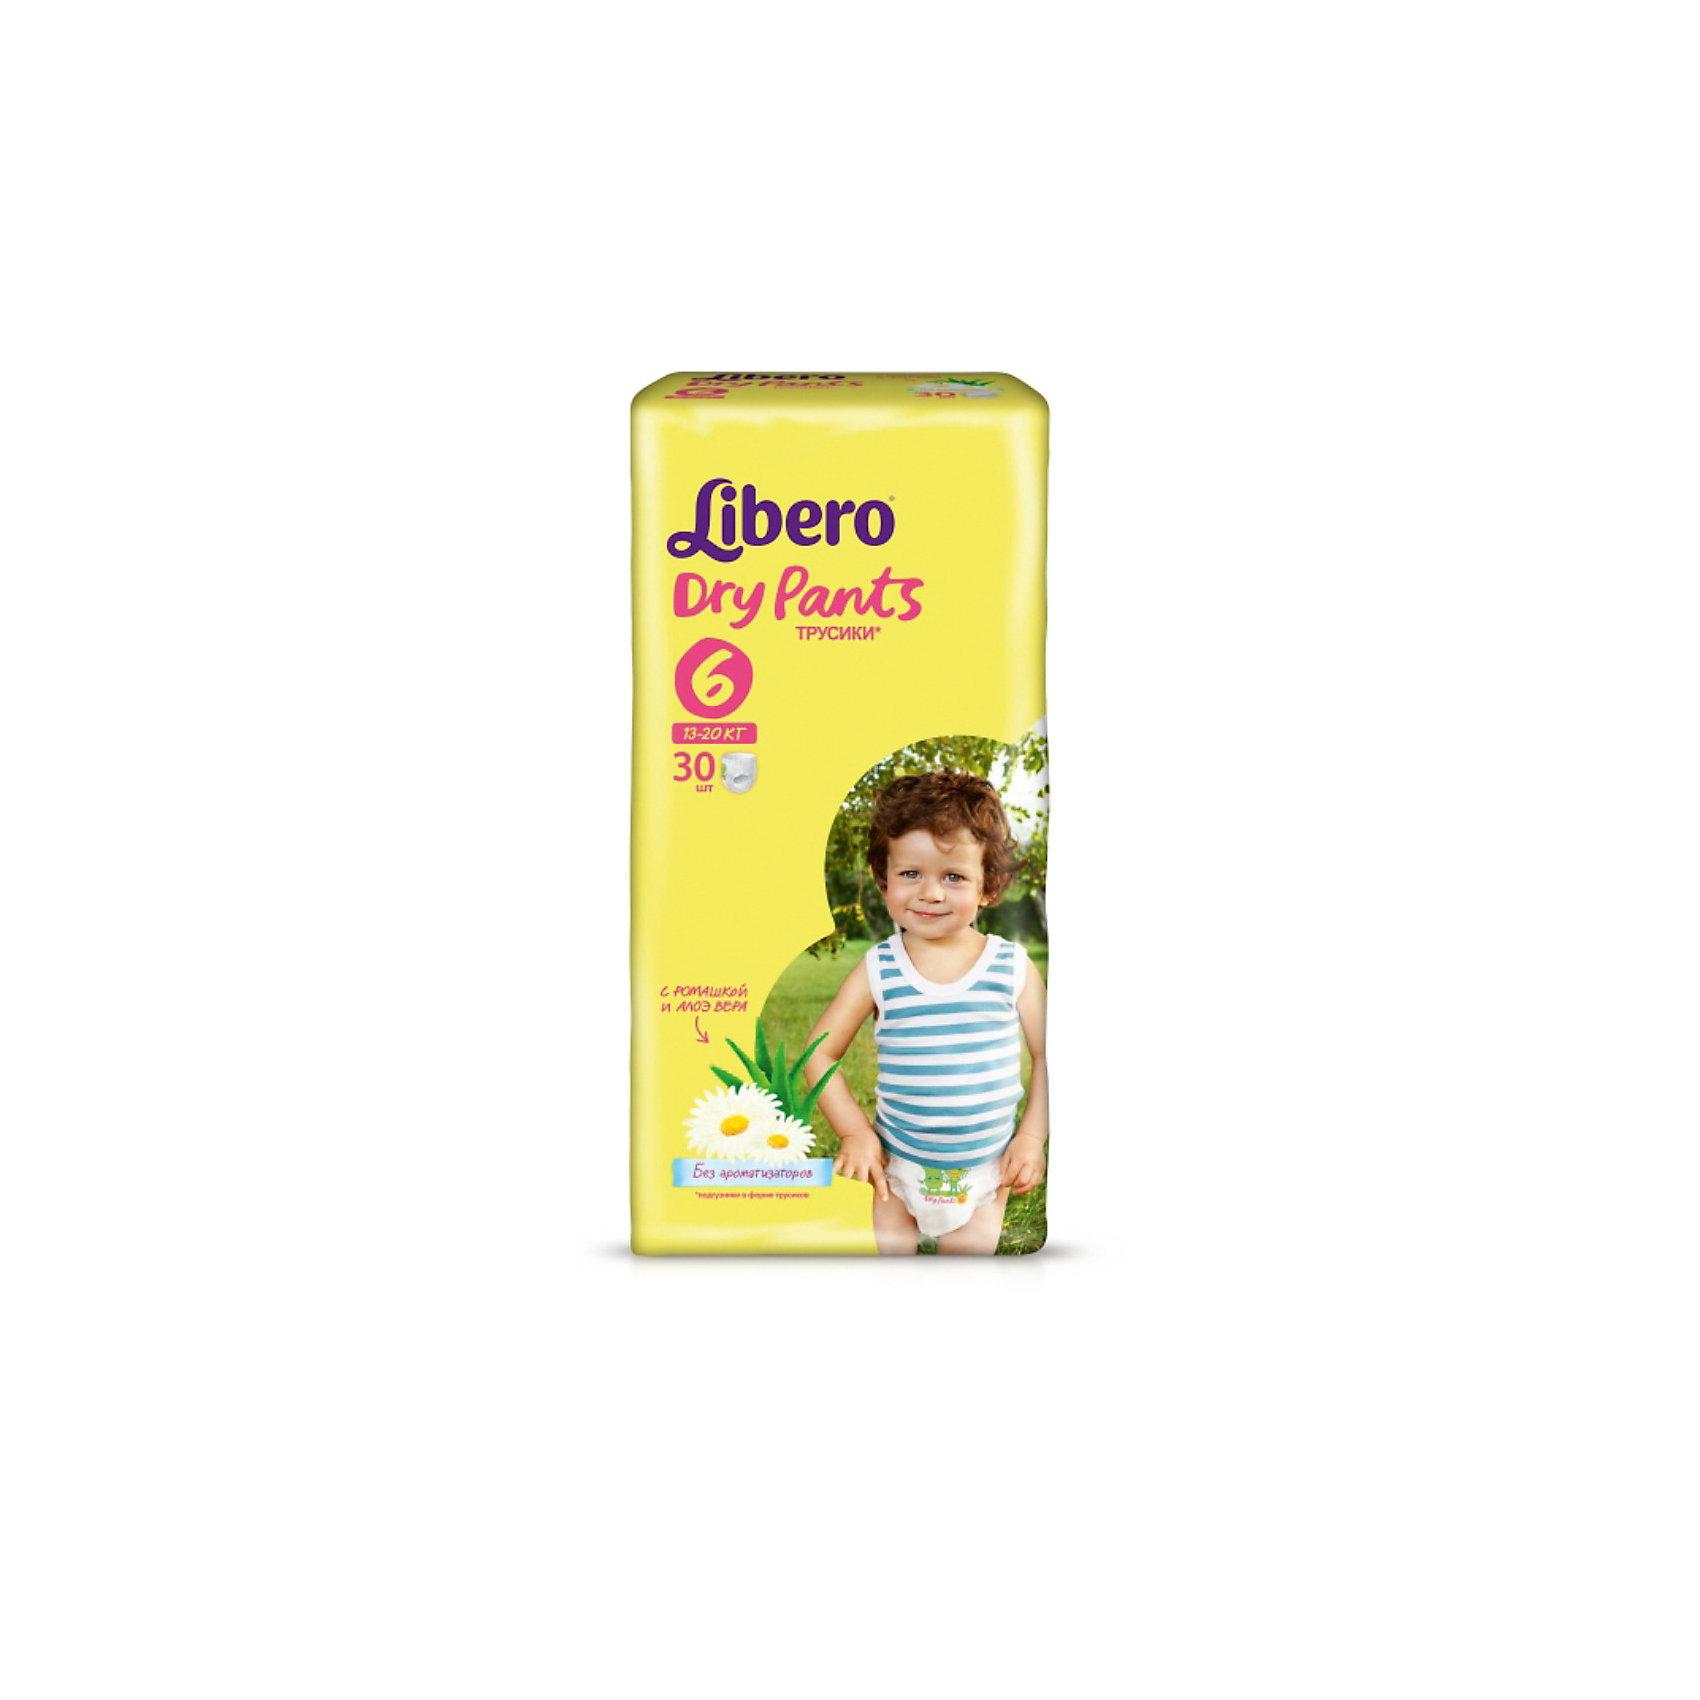 Трусики Libero Dry Pants, XL 13-20 кг, 30 шт.Трусики-подгузники Libero Dry Pants (Либеро Драй Пентс) Size 6 (13-20кг), 30 шт.<br><br>Характеристики: <br><br>• легко надевать<br>• мягкие и тонкие трусики<br>• отлично впитывают и удерживают влагу<br>• содержат экстракт ромашки<br>• тянущийся поясок из дышащих материалов<br>• барьеры вокруг ножек защищают от протекания<br>• не сковывают движений<br>• легко снимать и сворачивать<br>• размер: 6 (13-20 кг)<br>• количество в упаковке: 30 шт.<br><br>Если ваш малыш не любит спокойно ждать пока вы его переоденете, то трусики-подгузники Libero Dry Pants станут для вас прекрасным решением. Они легко надеваются, как обычное белье и также легко снимаются при разрывании боковых швов. Трусики очень мягкие и тонкие, при этом они отлично впитывают и удерживают влагу, не стесняя движений крохи. Экстракт ромашки и алоэ успокоит нежную кожу малыша. Высокие барьеры и эластичный поясок препятствуют протеканию.  После использования вы легко сможете свернуть трусики и заклеить из специальной клейкой лентой. Яркая упаковка и привлекательный дизайн превратят процесс переодевания в веселую игру!<br><br>Трусики-подгузники Libero Dry Pants Size 6 (13-20кг), 30 шт. вы можете купить в нашем интернет-магазине.<br><br>Ширина мм: 147<br>Глубина мм: 195<br>Высота мм: 370<br>Вес г: 1246<br>Возраст от месяцев: 12<br>Возраст до месяцев: 60<br>Пол: Унисекс<br>Возраст: Детский<br>SKU: 3517634